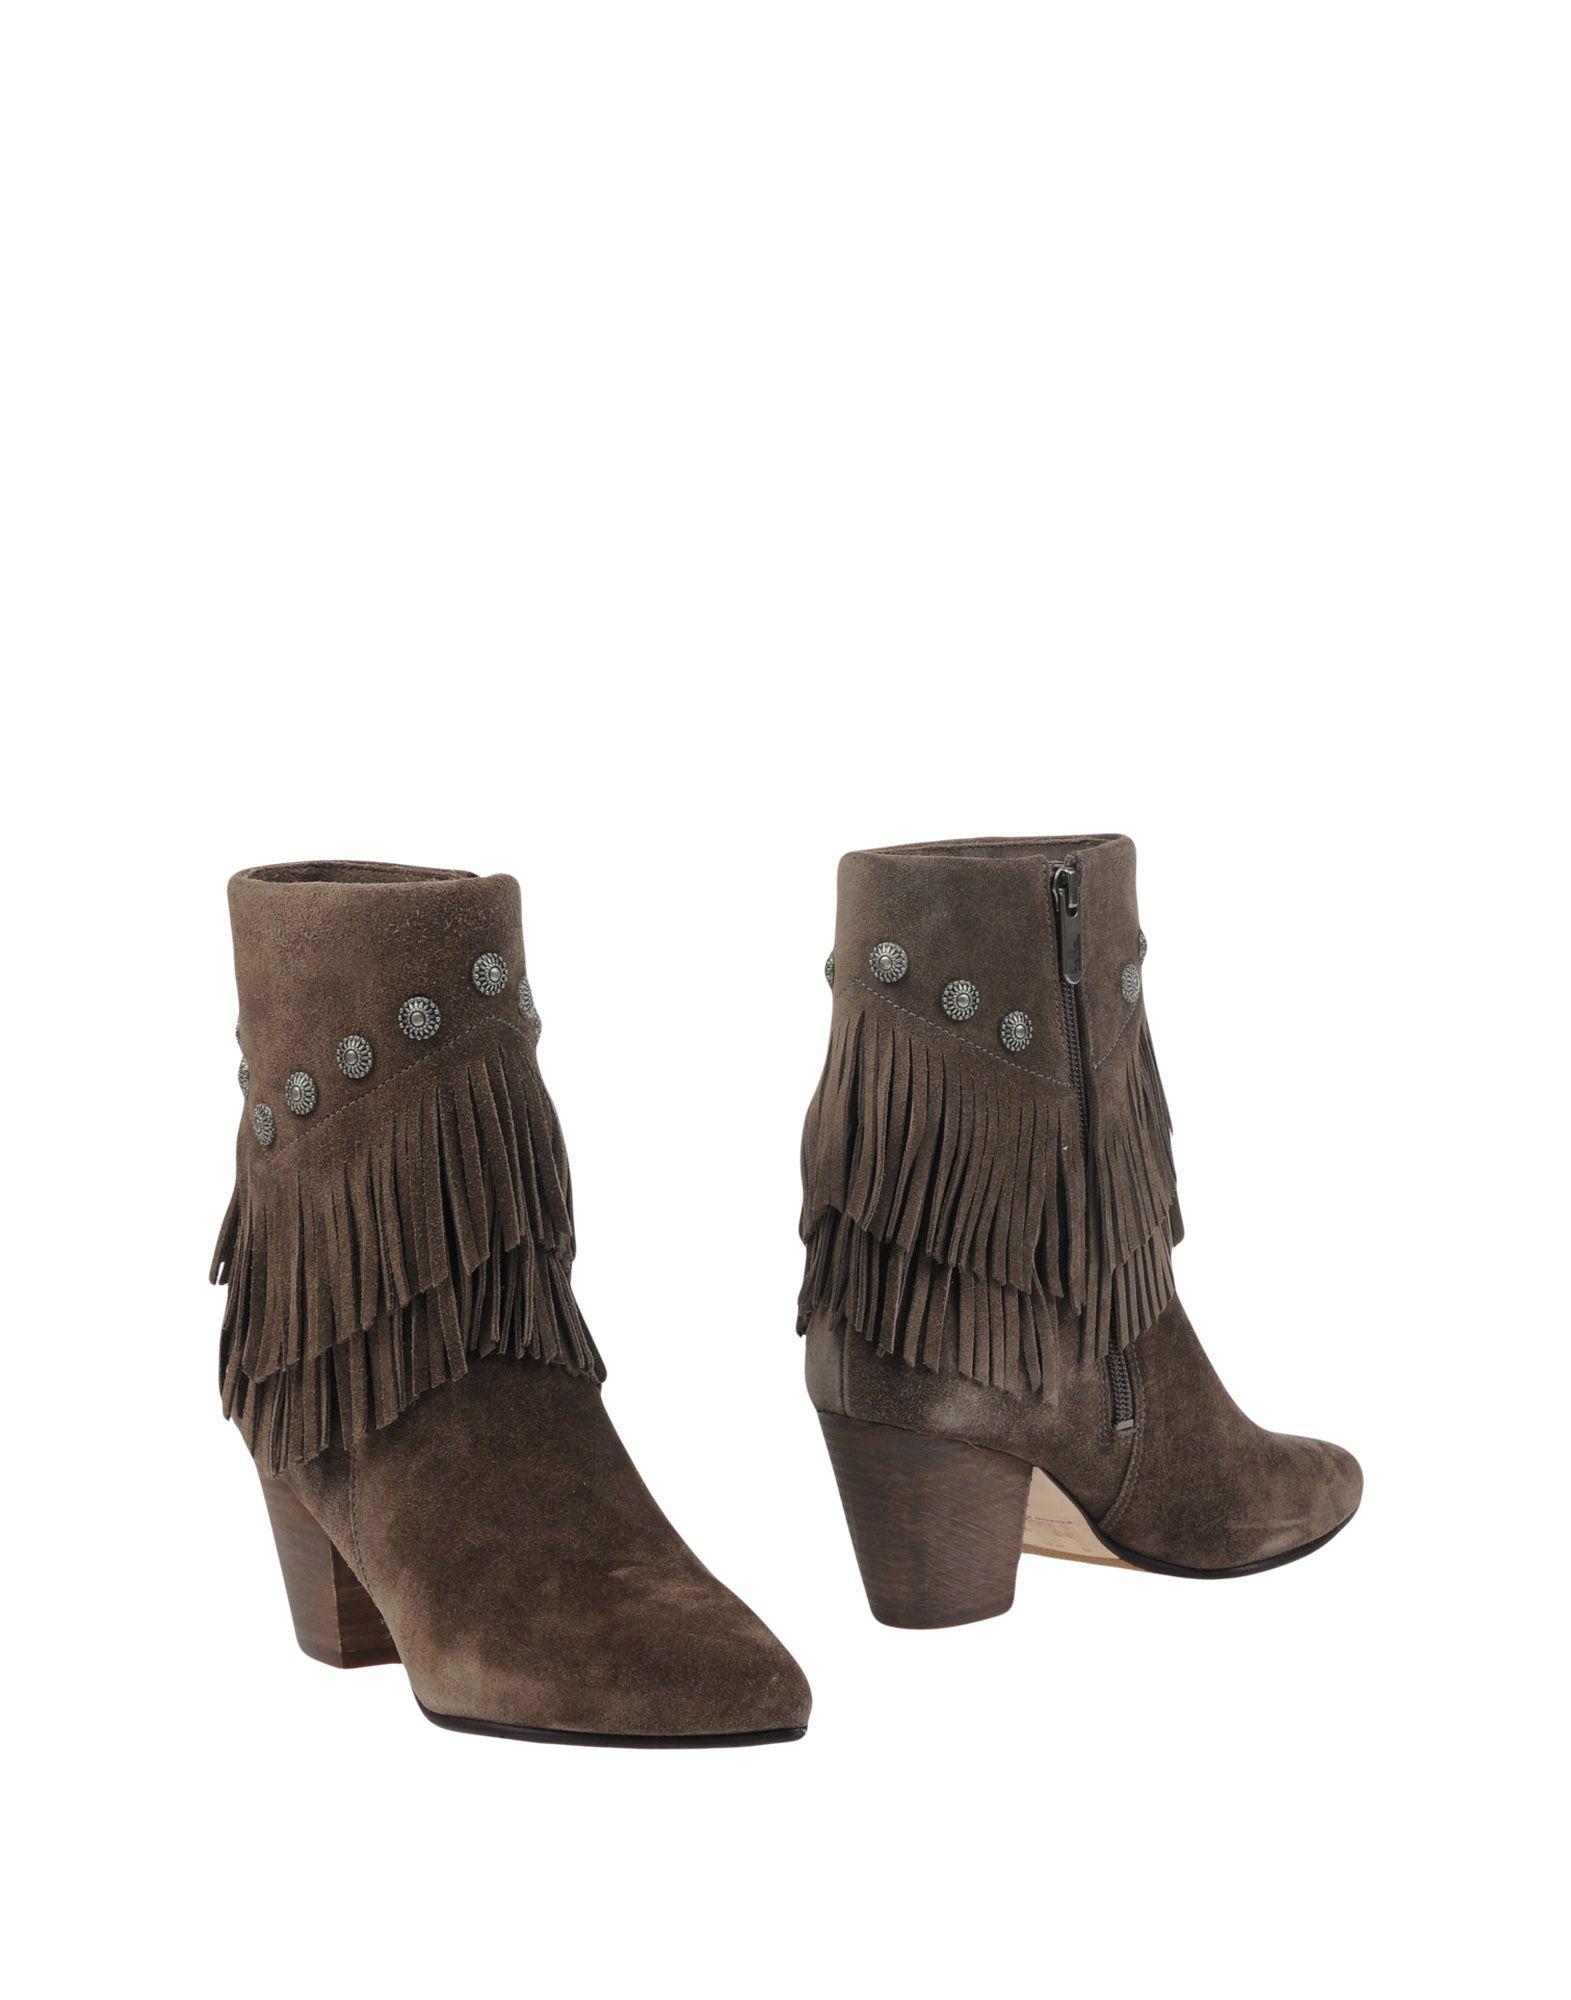 BELLE BY SIGERSON MORRISON Полусапоги и высокие ботинки полусапоги belle by sigerson morrison ботинки без каблука